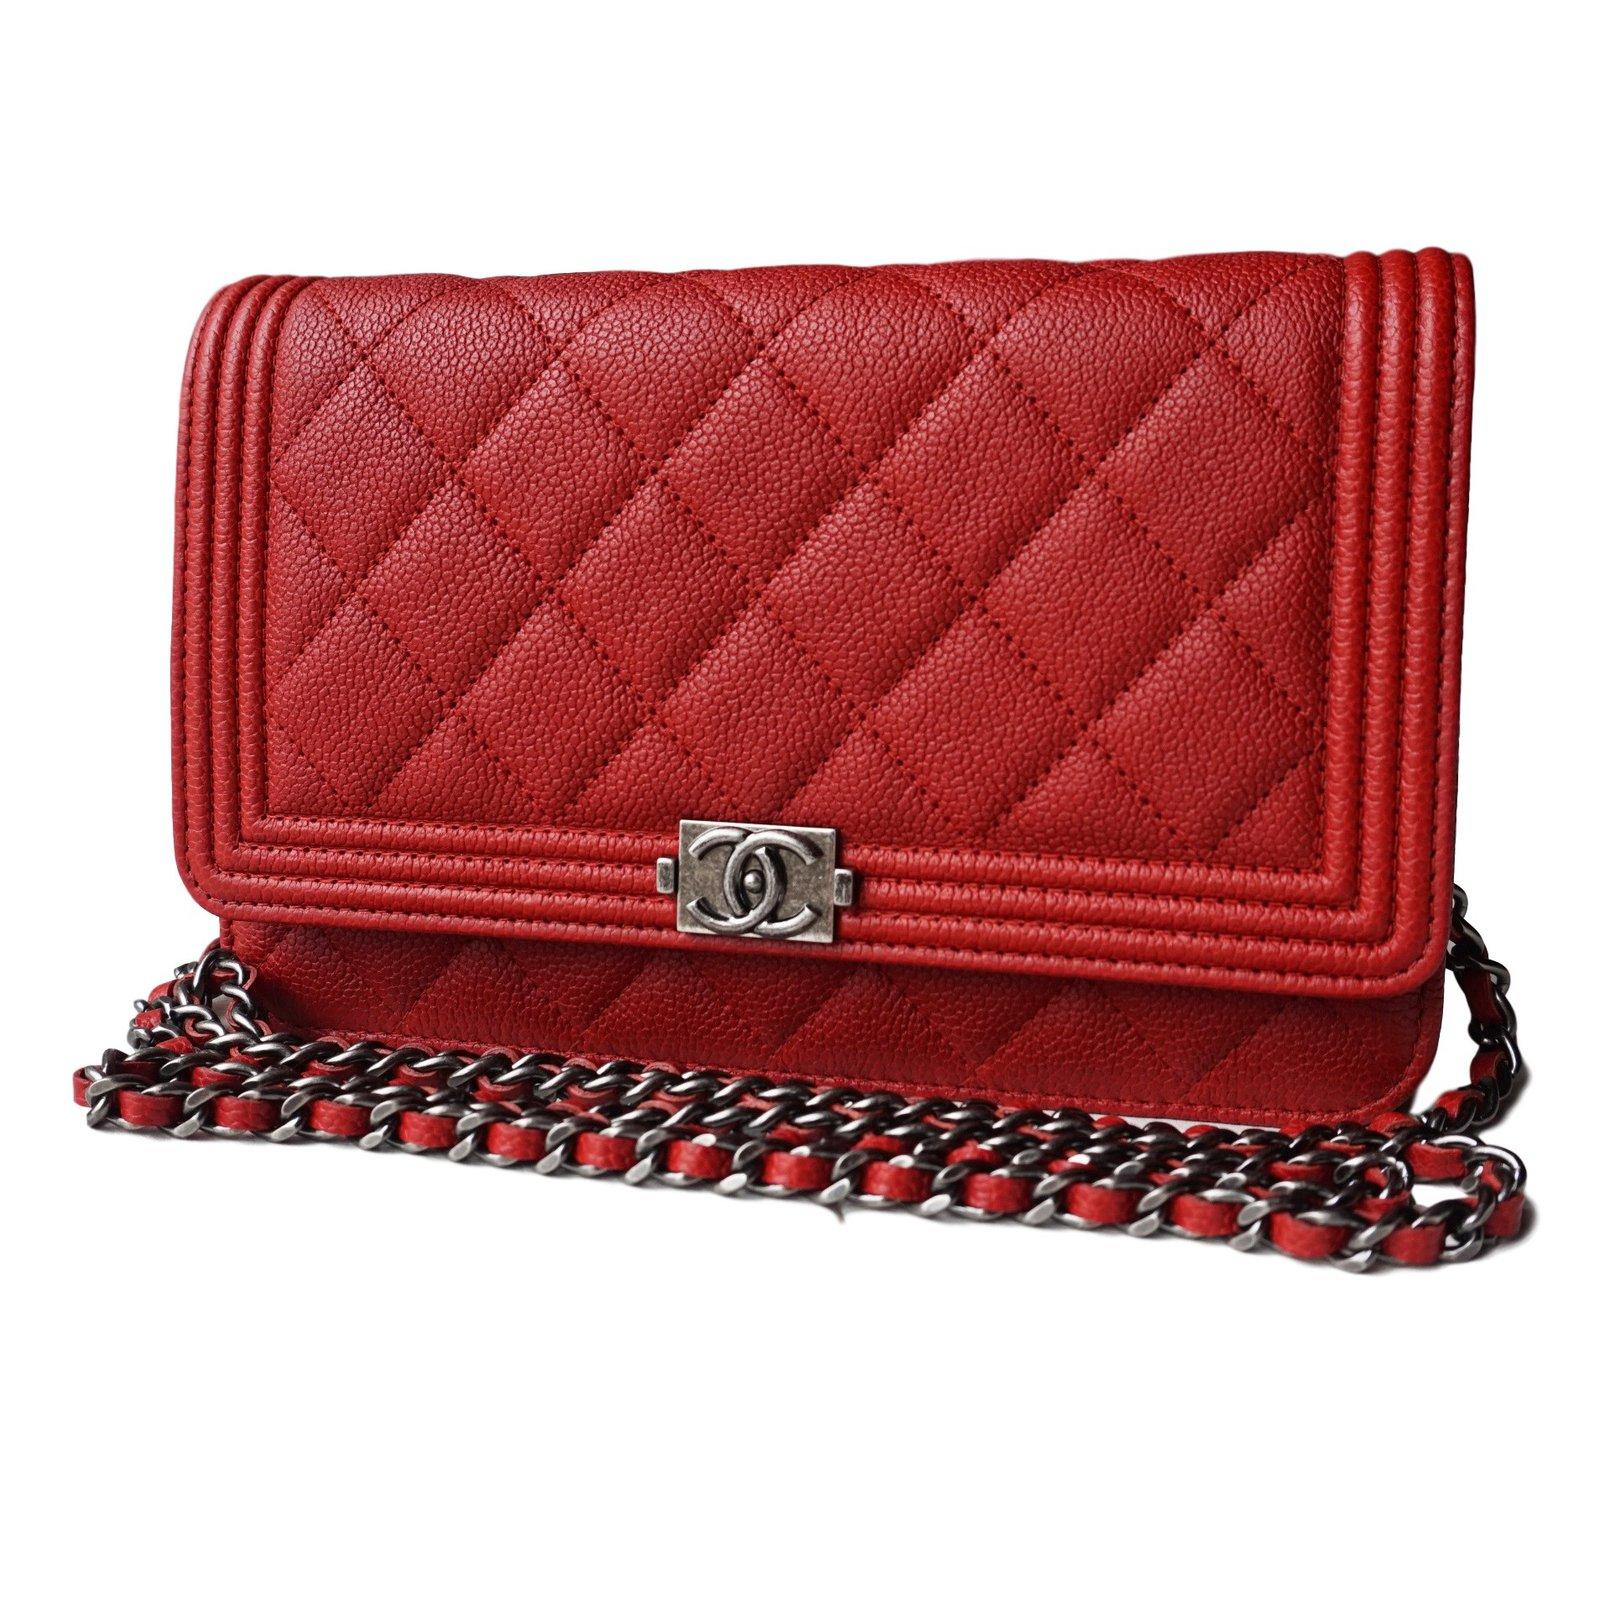 f11003706793 Chanel WOC boy Clutch bags Leather Red ref.21600 - Joli Closet